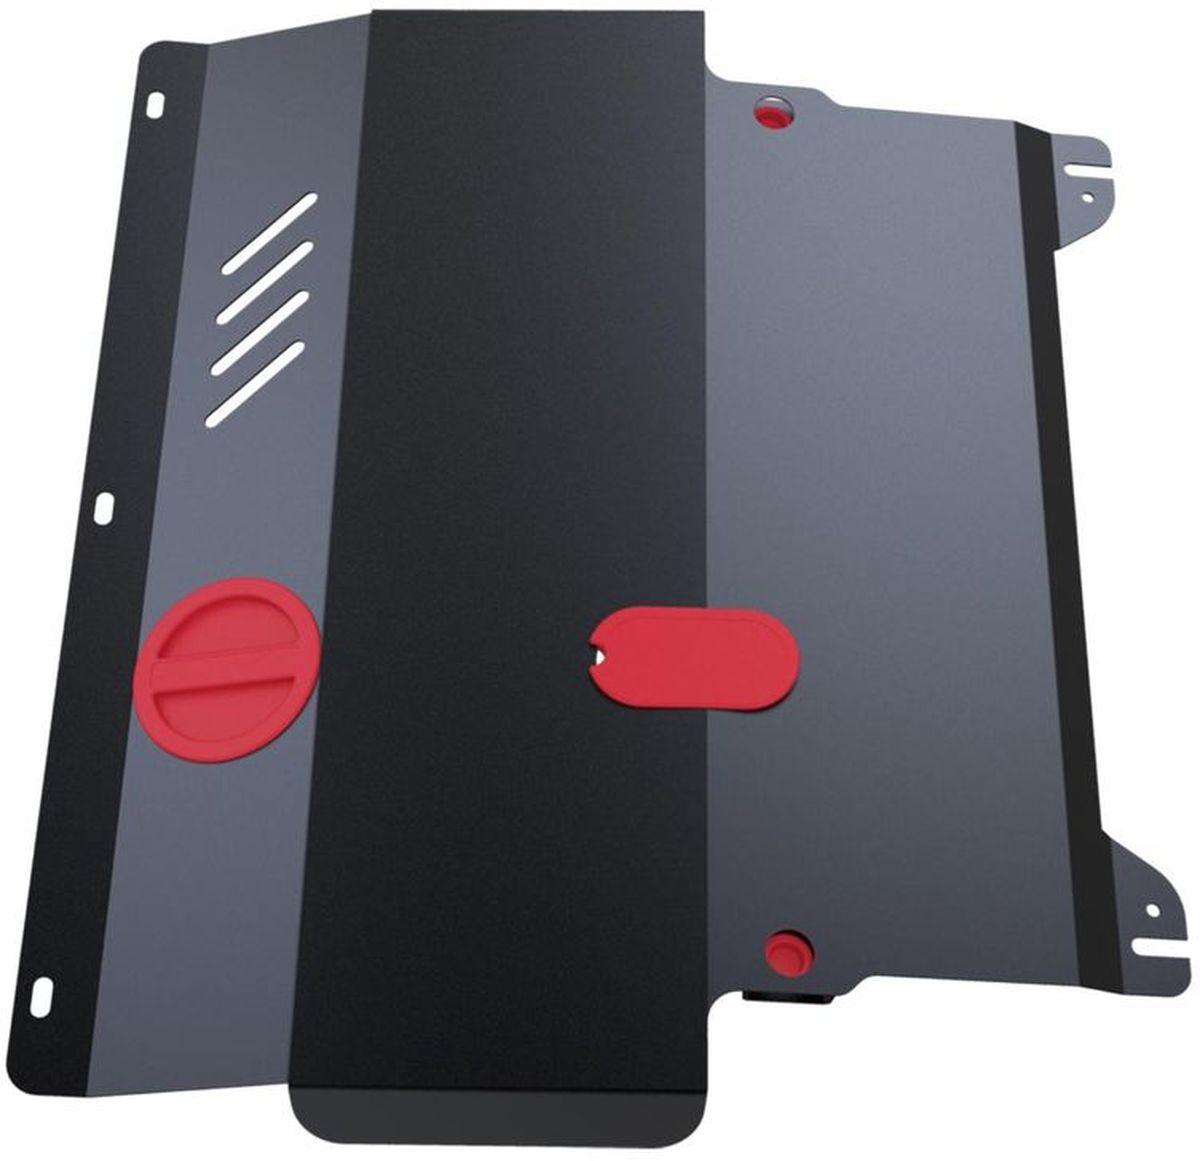 Защита картера Автоброня Nissan Elgrand 1997-2002/Nissan Pathfinder 1996-2004, часть 2 , сталь 2 мм111.04143.1Защита картера Автоброня для Nissan Elgrand 1997-2002/Nissan Pathfinder 1996-2004, часть 2 , сталь 2 мм, комплект крепежа, 111.04143.1Дополнительно можно приобрести другие защитные элементы из комплекта: защита картера ч.1 - 1.04142.1, защита КПП - 111.04144.1Стальные защиты Автоброня надежно защищают ваш автомобиль от повреждений при наезде на бордюры, выступающие канализационные люки, кромки поврежденного асфальта или при ремонте дорог, не говоря уже о загородных дорогах.- Имеют оптимальное соотношение цена-качество.- Спроектированы с учетом особенностей автомобиля, что делает установку удобной.- Защита устанавливается в штатные места кузова автомобиля.- Является надежной защитой для важных элементов на протяжении долгих лет.- Глубокий штамп дополнительно усиливает конструкцию защиты.- Подштамповка в местах крепления защищает крепеж от срезания.- Технологические отверстия там, где они необходимы для смены масла и слива воды, оборудованные заглушками, закрепленными на защите.Толщина стали 2 мм.В комплекте крепеж и инструкция по установке.Уважаемые клиенты!Обращаем ваше внимание на тот факт, что защита имеет форму, соответствующую модели данного автомобиля. Наличие глубокого штампа и лючков для смены фильтров/масла предусмотрено не на всех защитах. Фото служит для визуального восприятия товара.